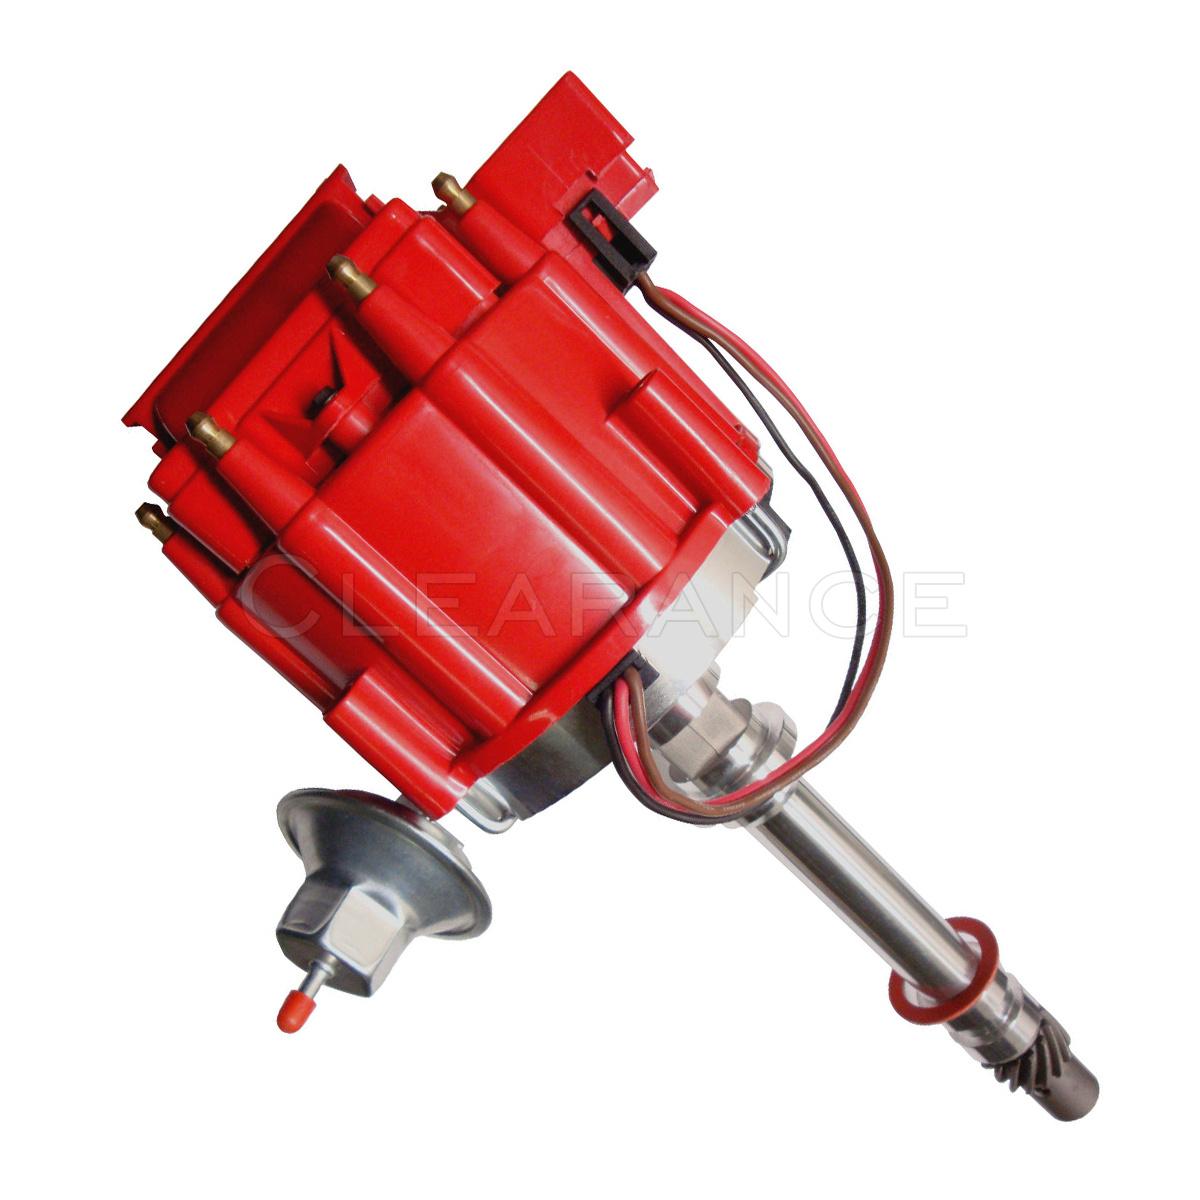 Gm08 Chevy Sbc 350 Bbc 454 Hei Distributor  U0026 Spark Plug Wires Ignition Combo Kit